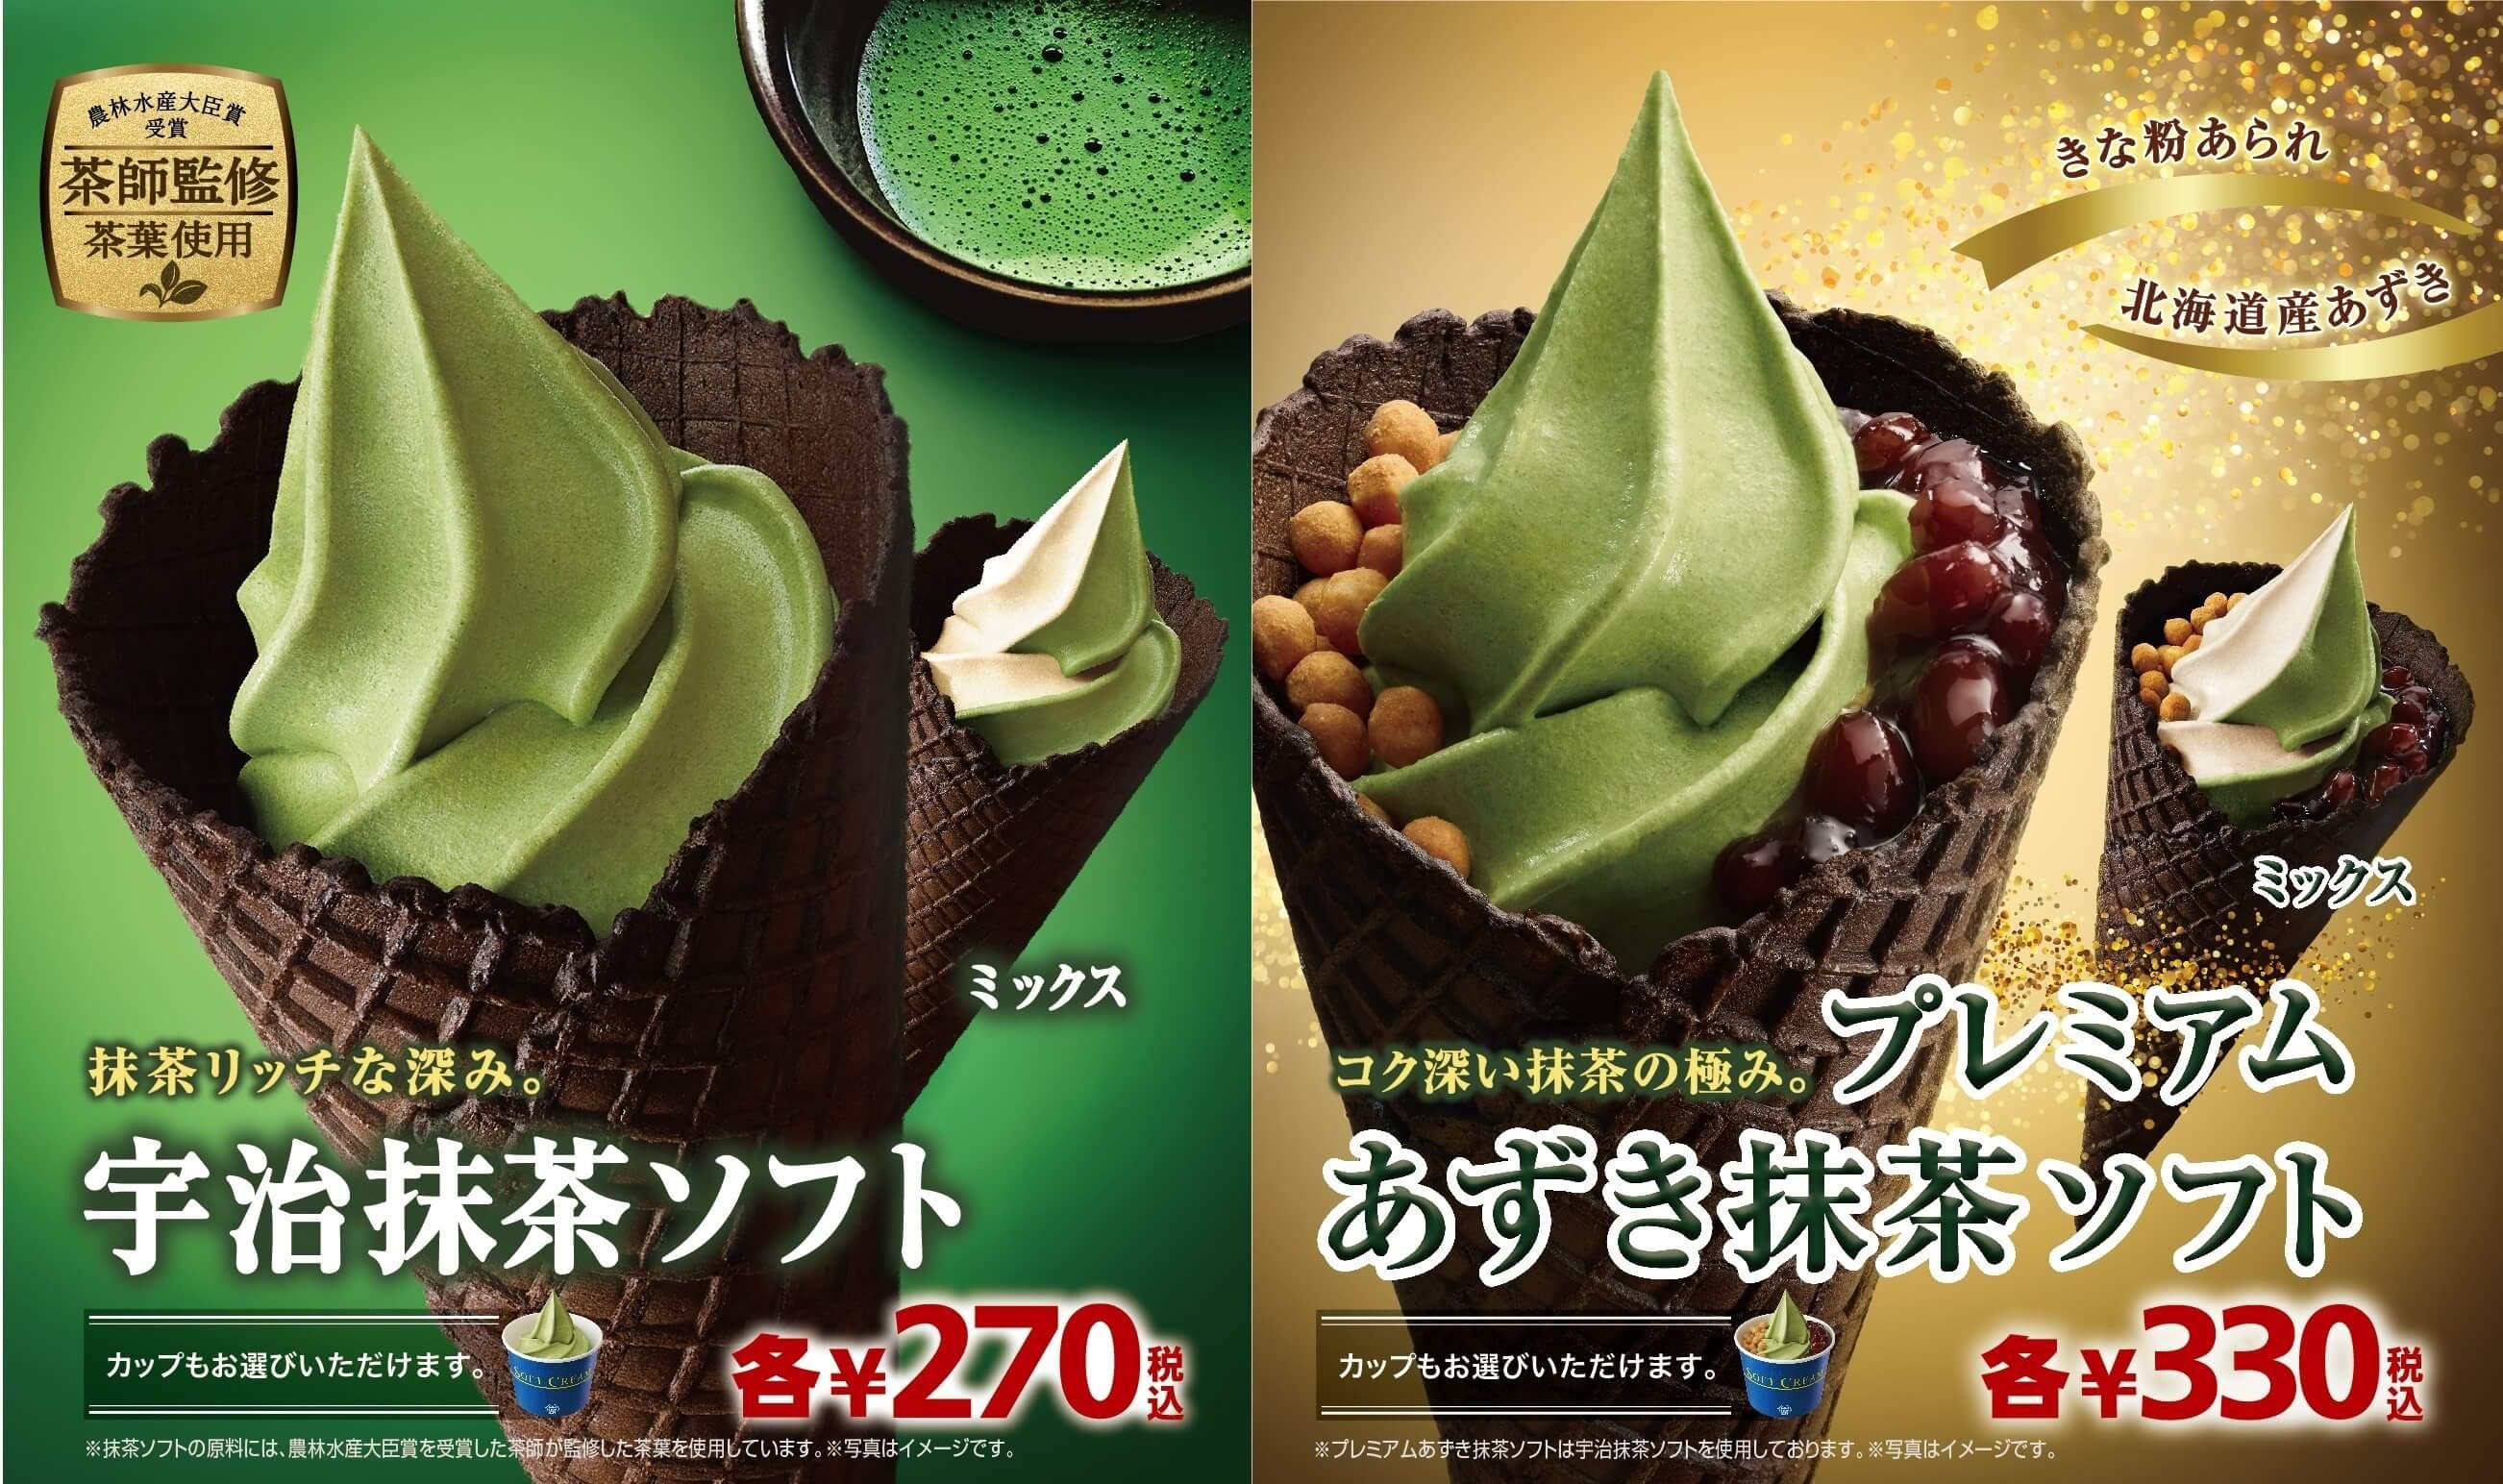 使用了抹茶真正的「宇治抹茶冰淇淋」從Mini Stop登場 冰淇淋、抹茶_、